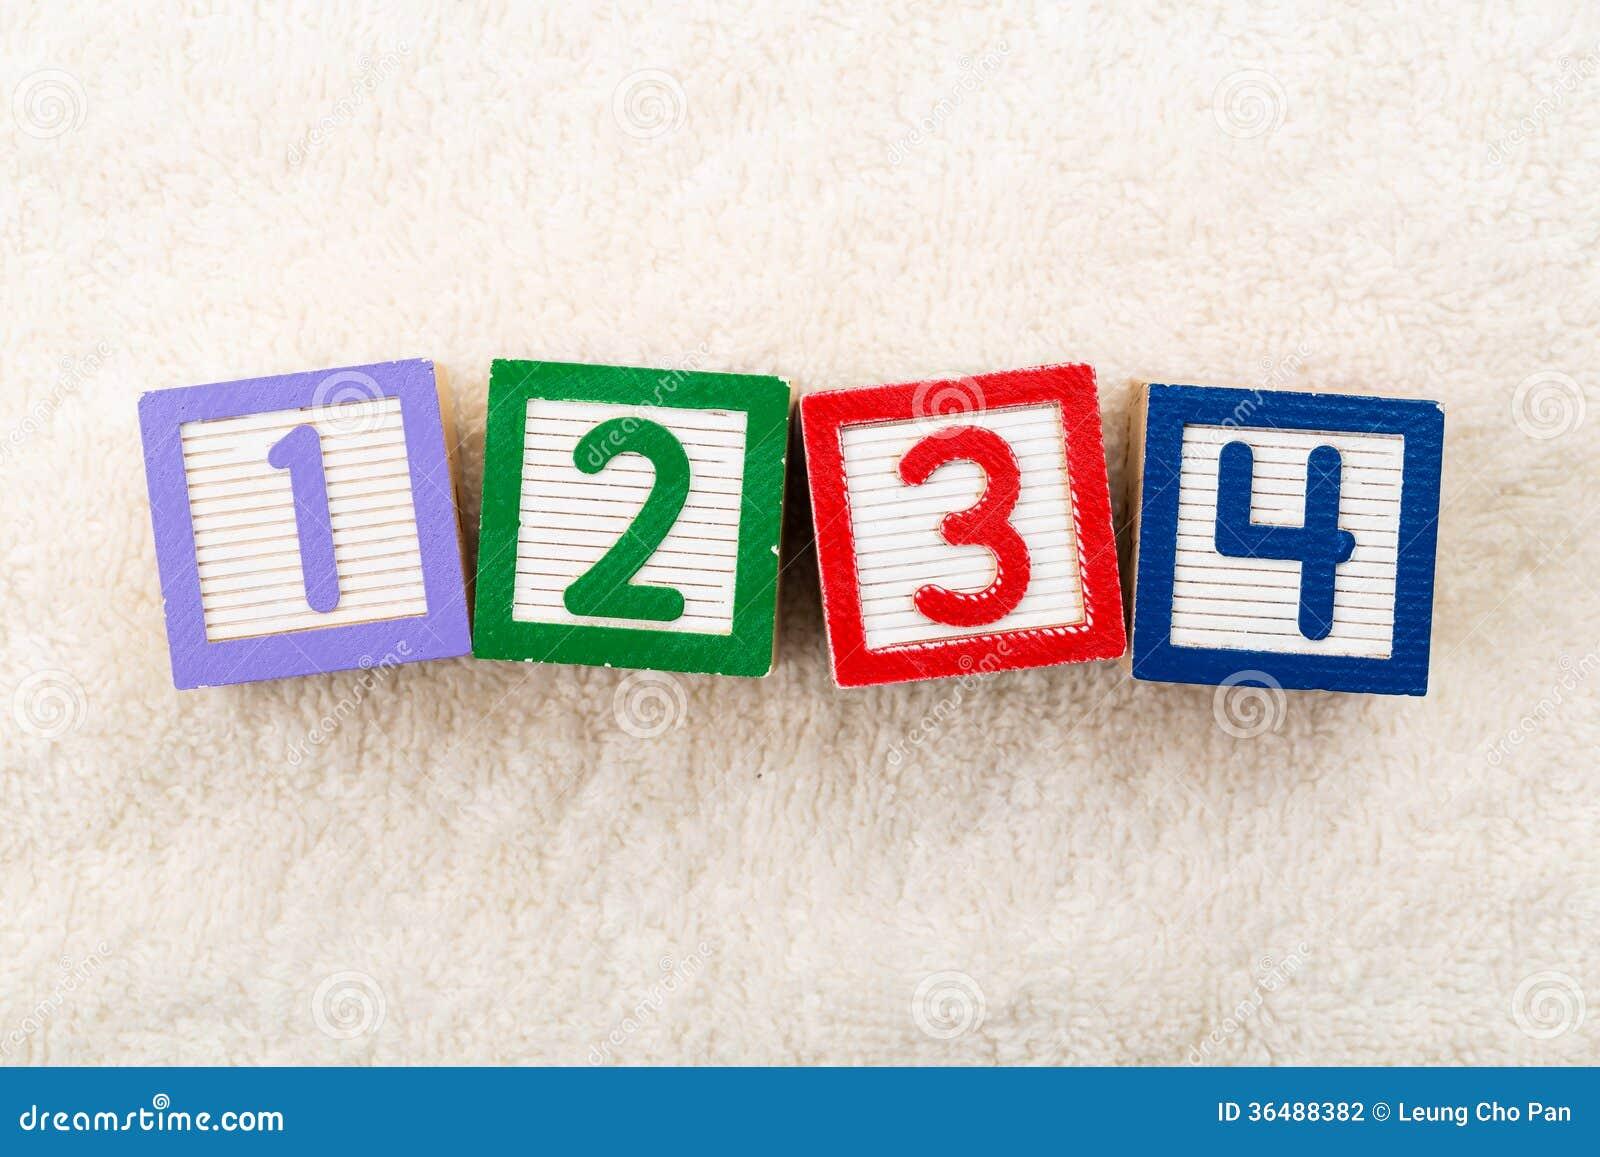 блок 1234 игрушек